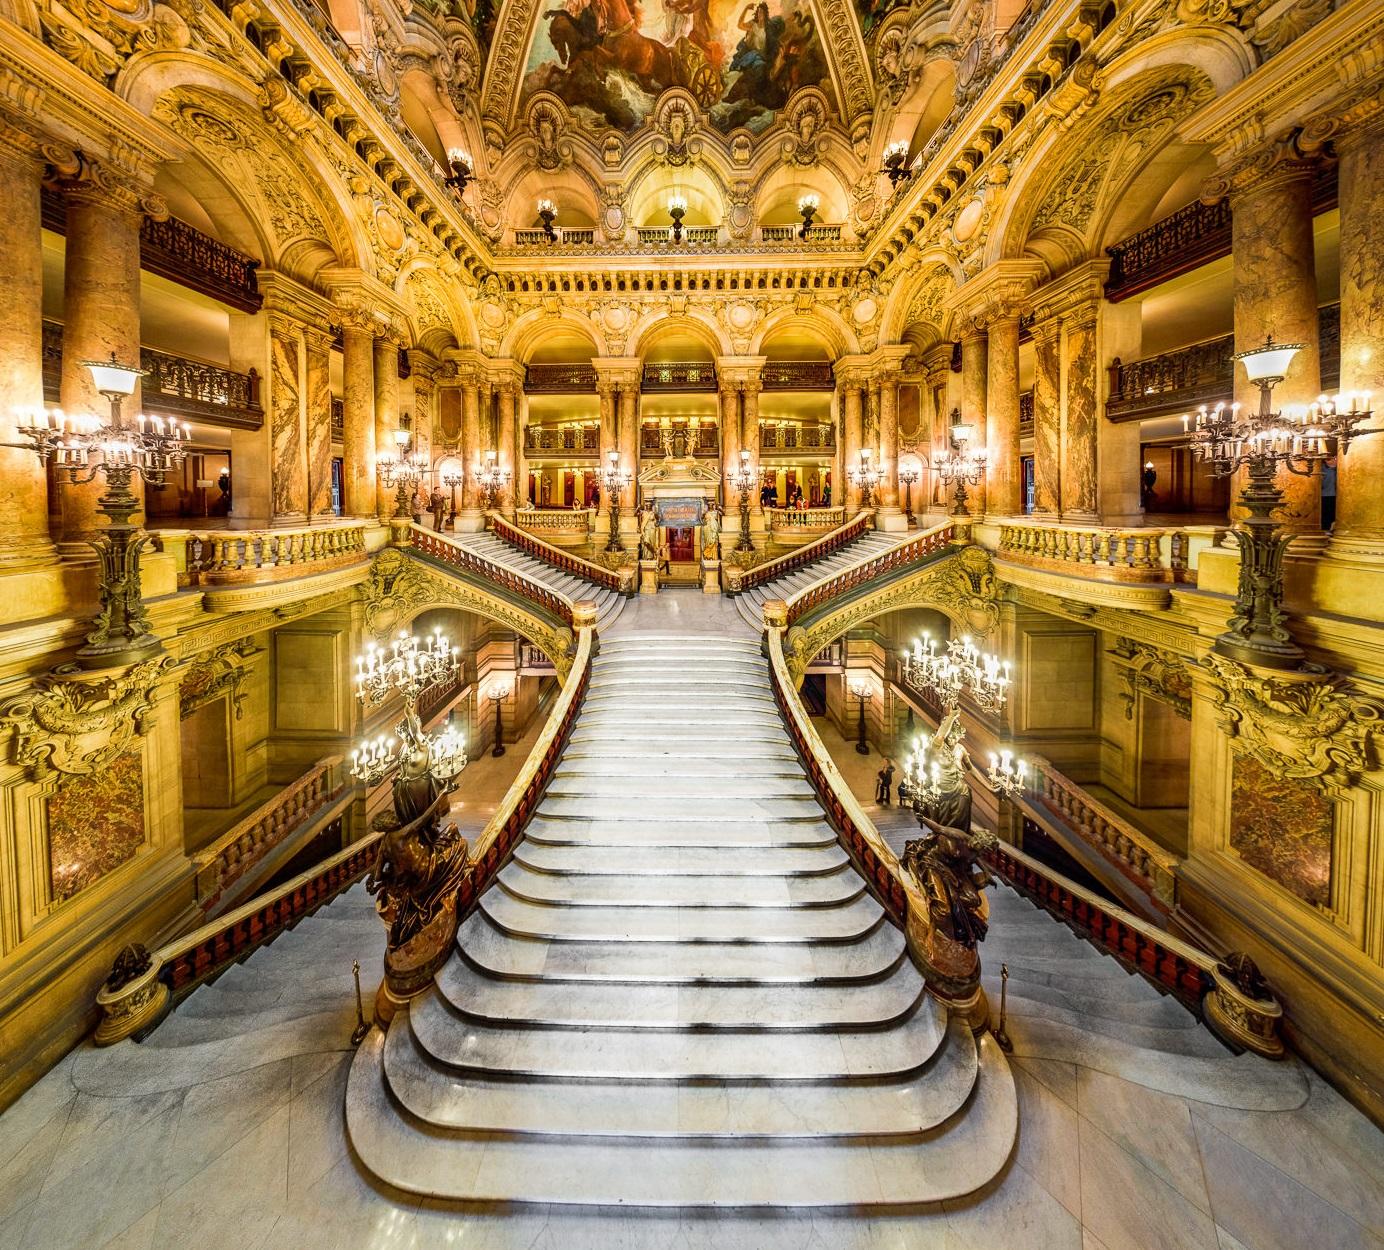 Гранд Опера, Париж. Вестибюль главной лестницы. Источник http://travelask.ru/